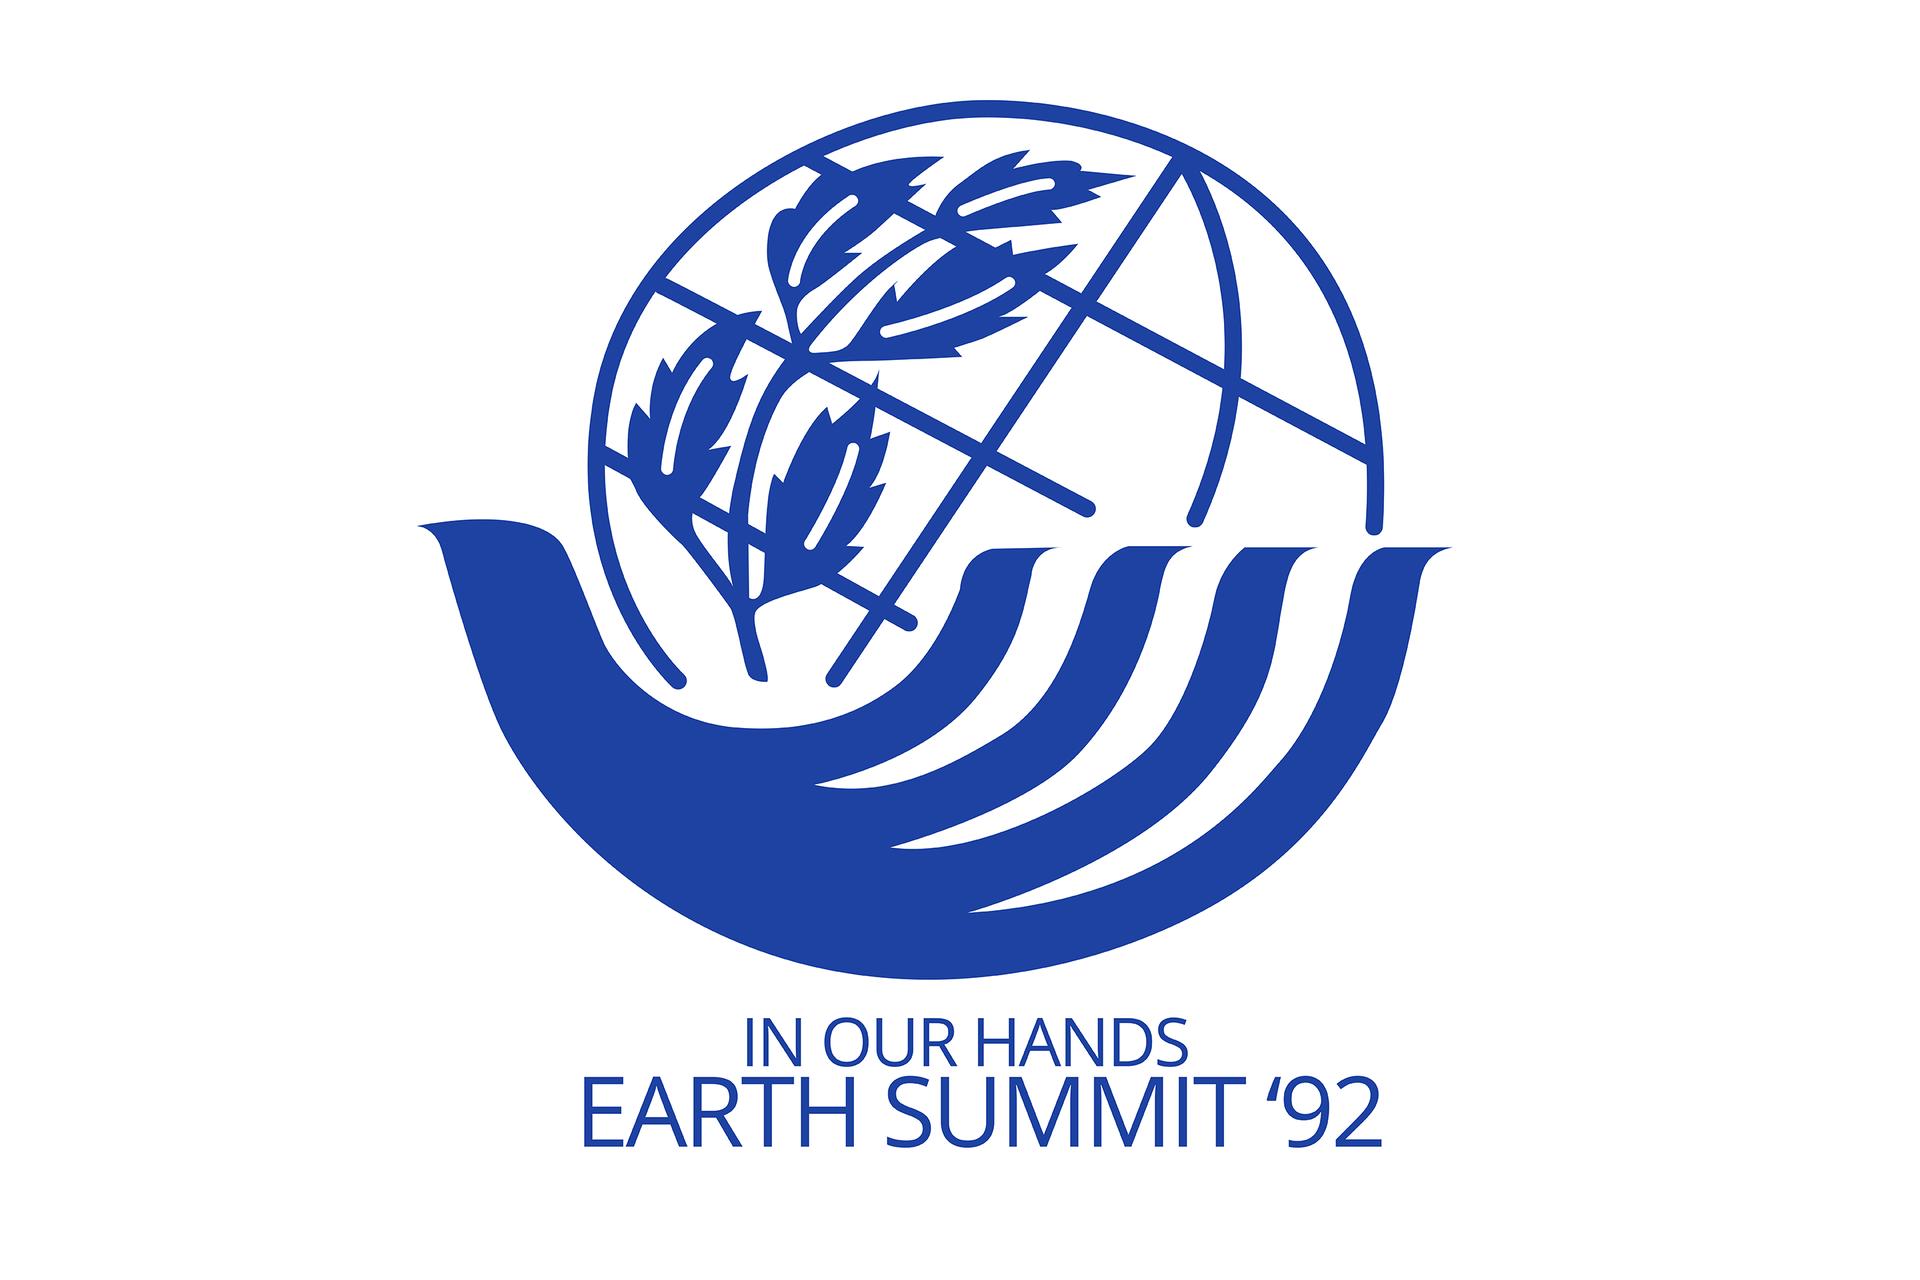 Fotografia przedstawiająca logo Szczytu Ziemi wRio de Janeiro z1992 roku